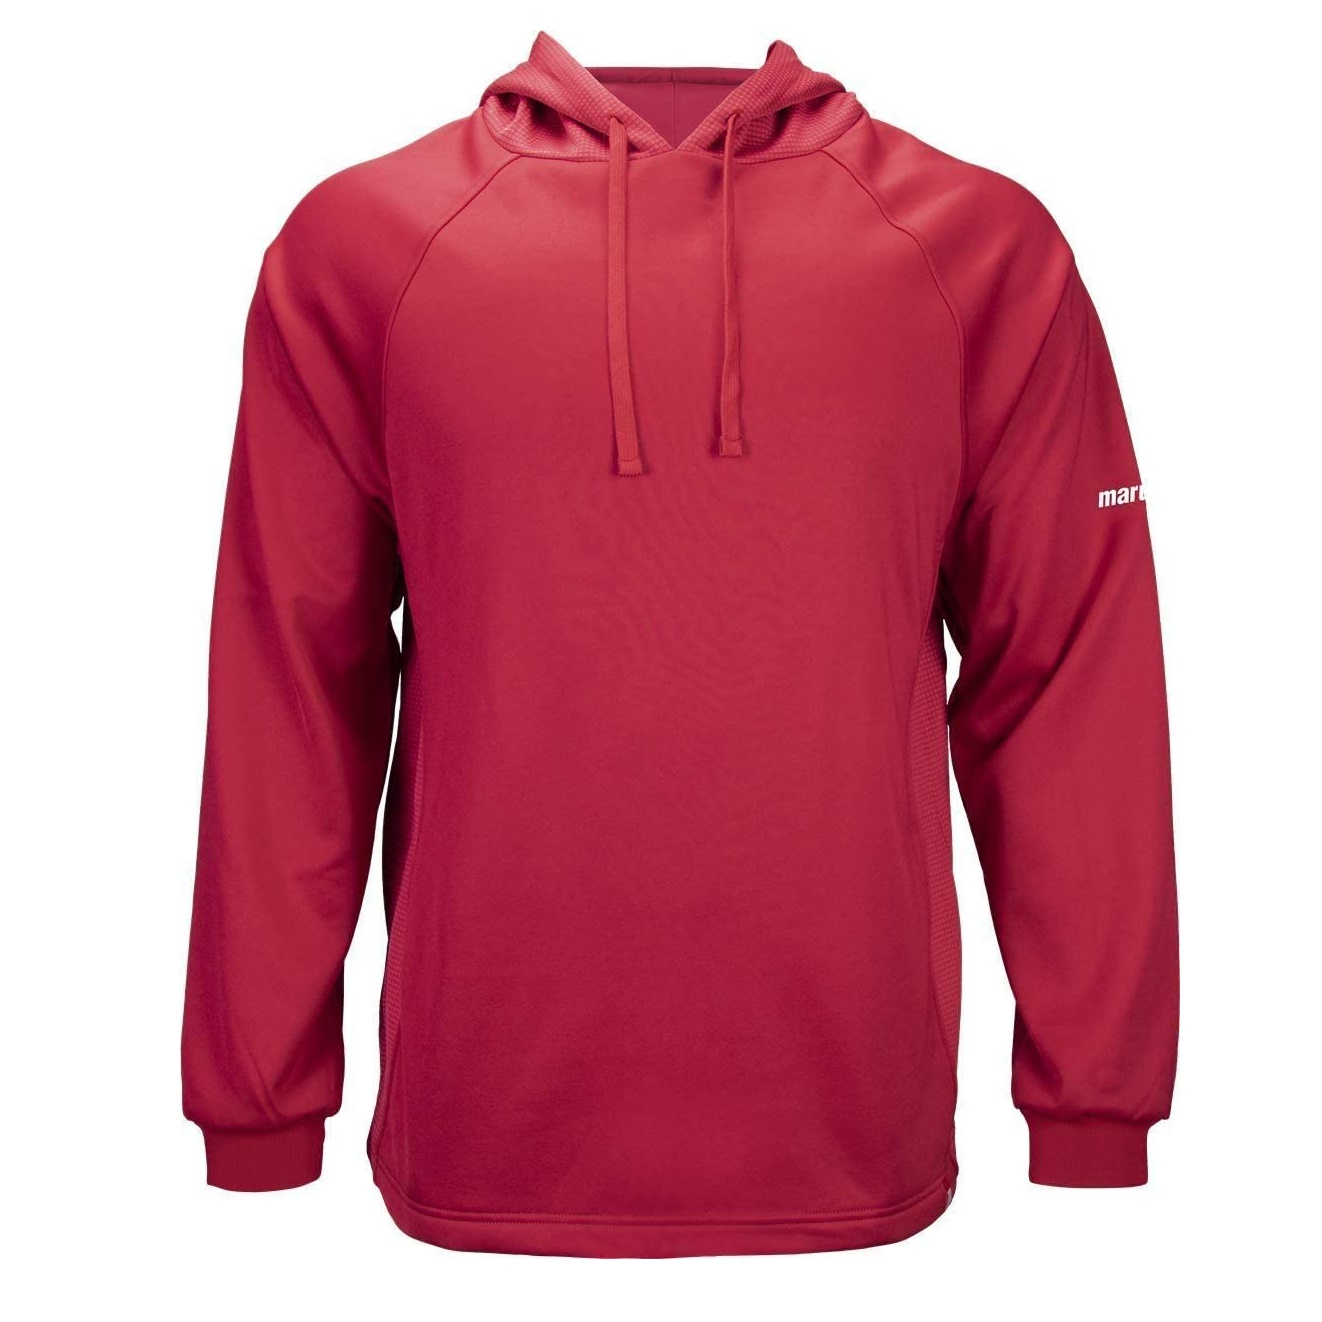 marucci-sports-mens-warm-up-tech-fleece-matflhtc-red-adult-xl-baseball-hoodie MATFLHTC-R-AXL   Marucci Sports - Warm-Up Tech Fleece MATFLHTCY Baseball Hoodie. As a